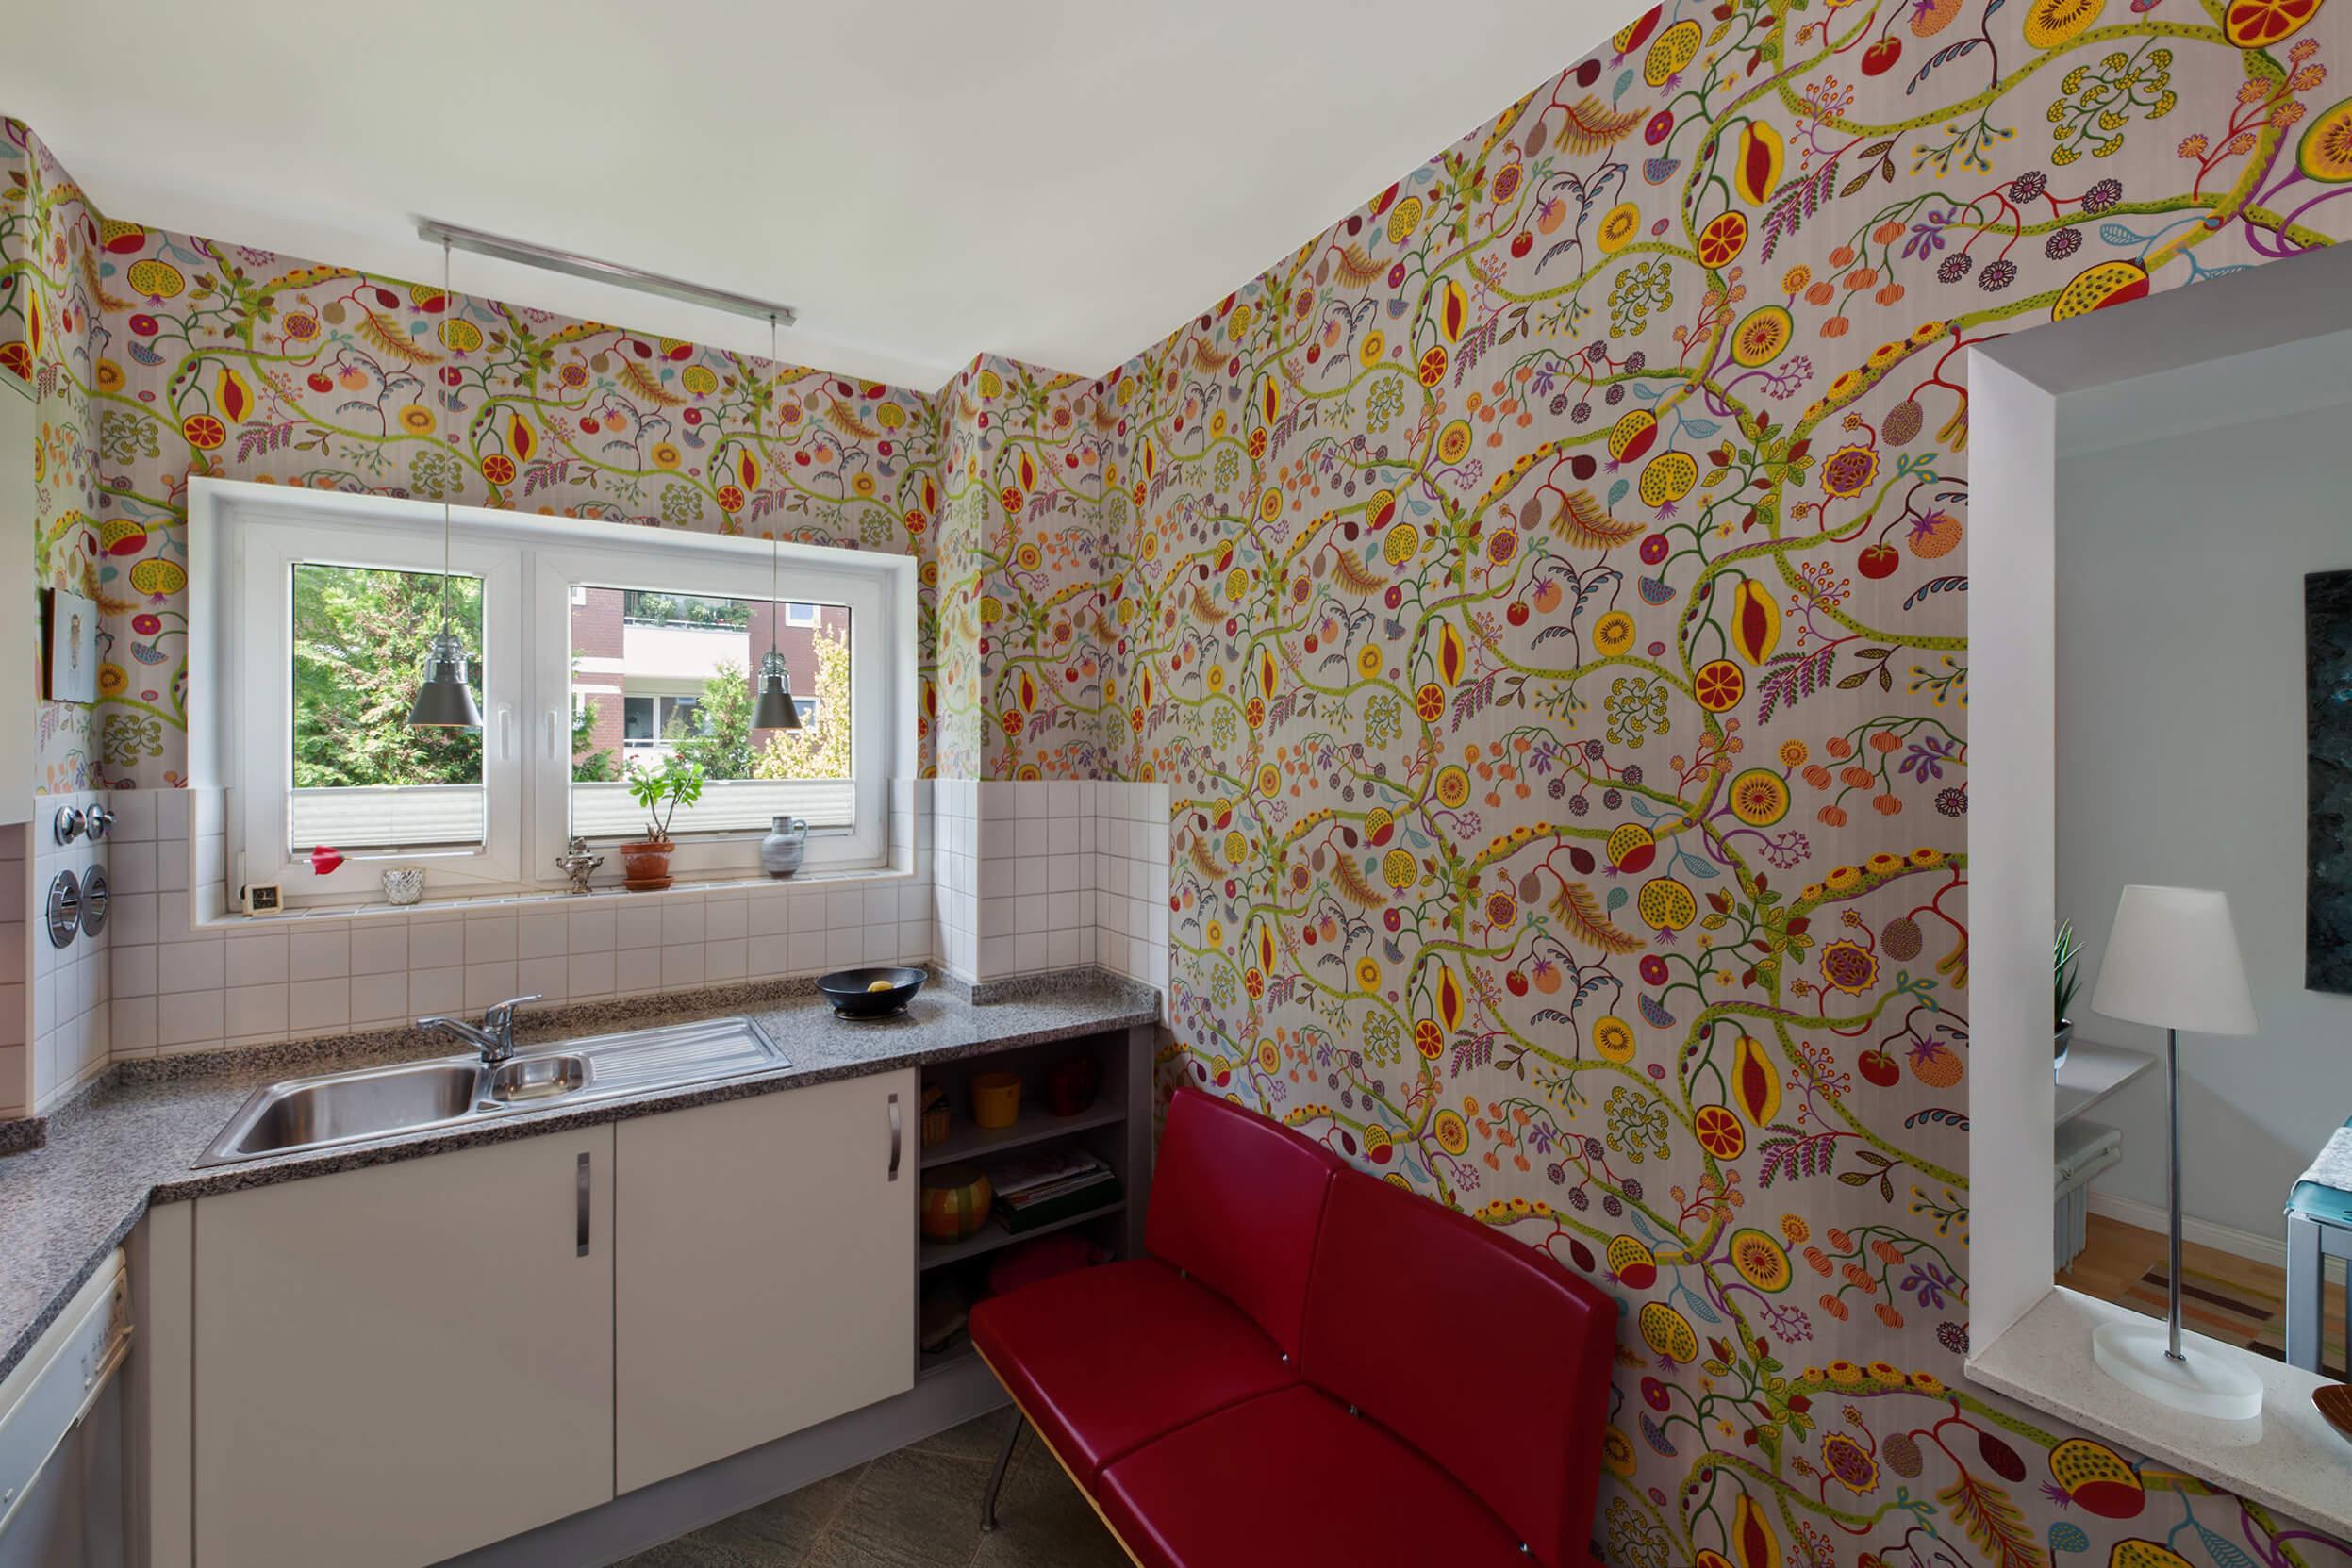 Full Size of Blumenmuster Kchentapeten Adler Wohndesign Wohnzimmer Küchentapeten